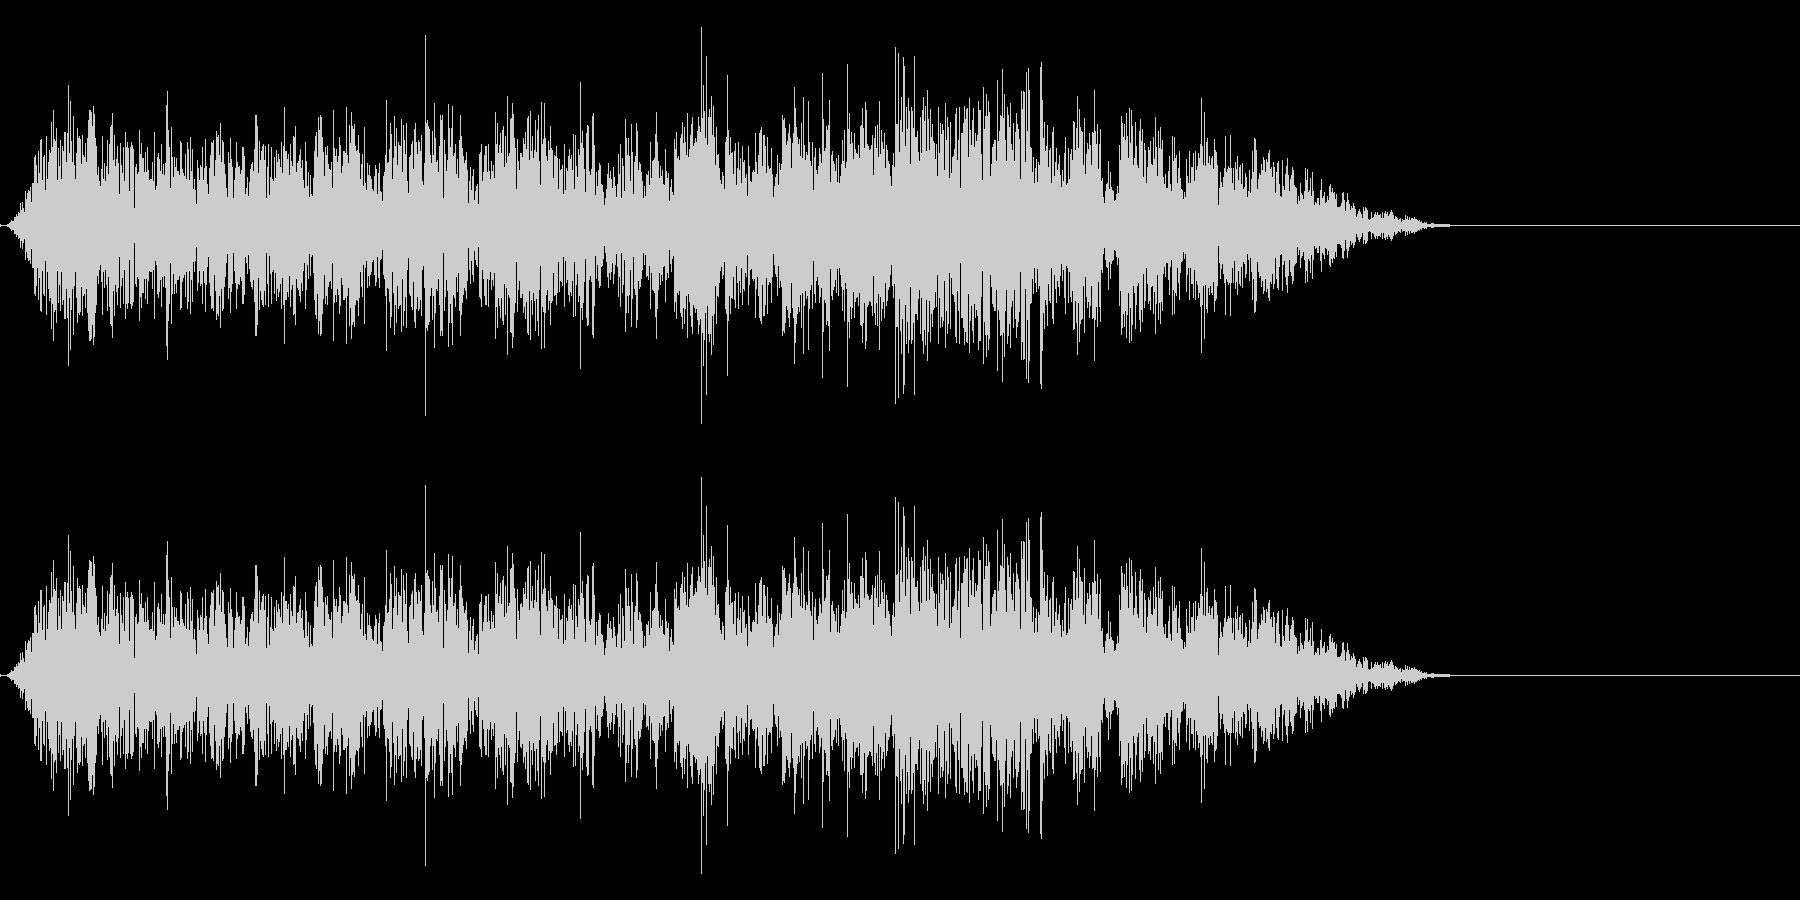 引き上げる音の未再生の波形